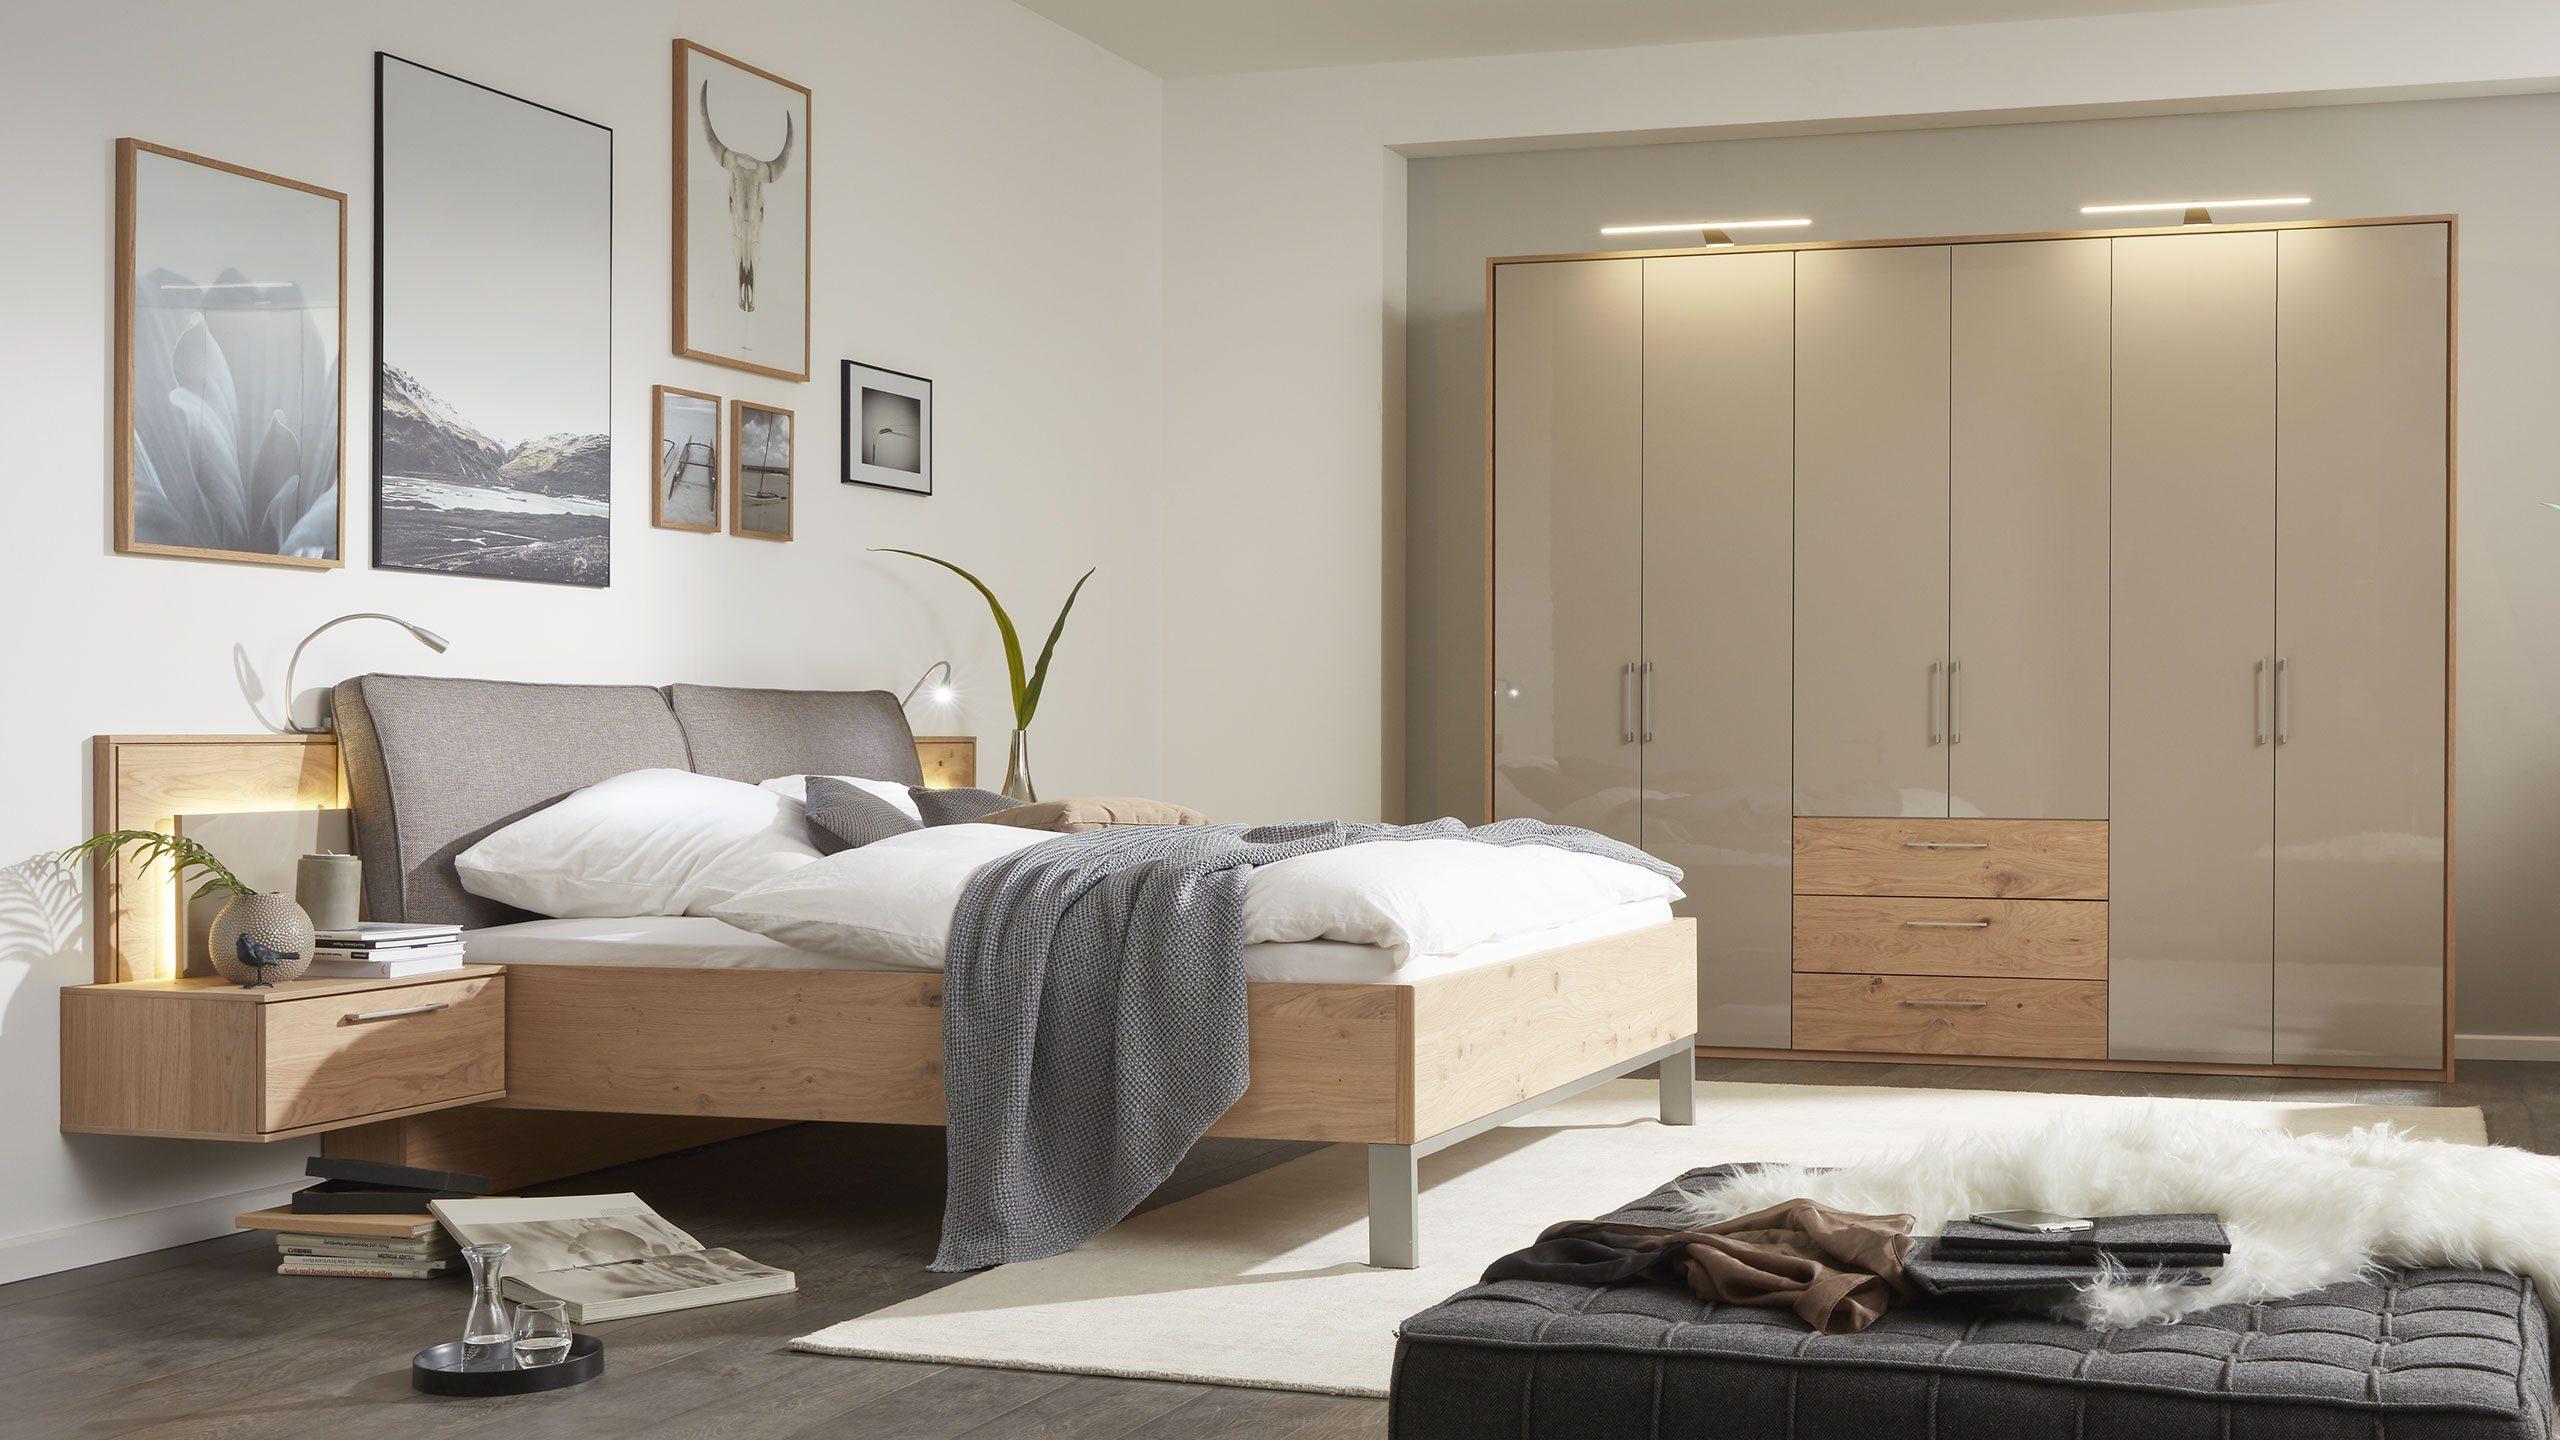 Ruhe-Oase im Schlafzimmer - Interliving